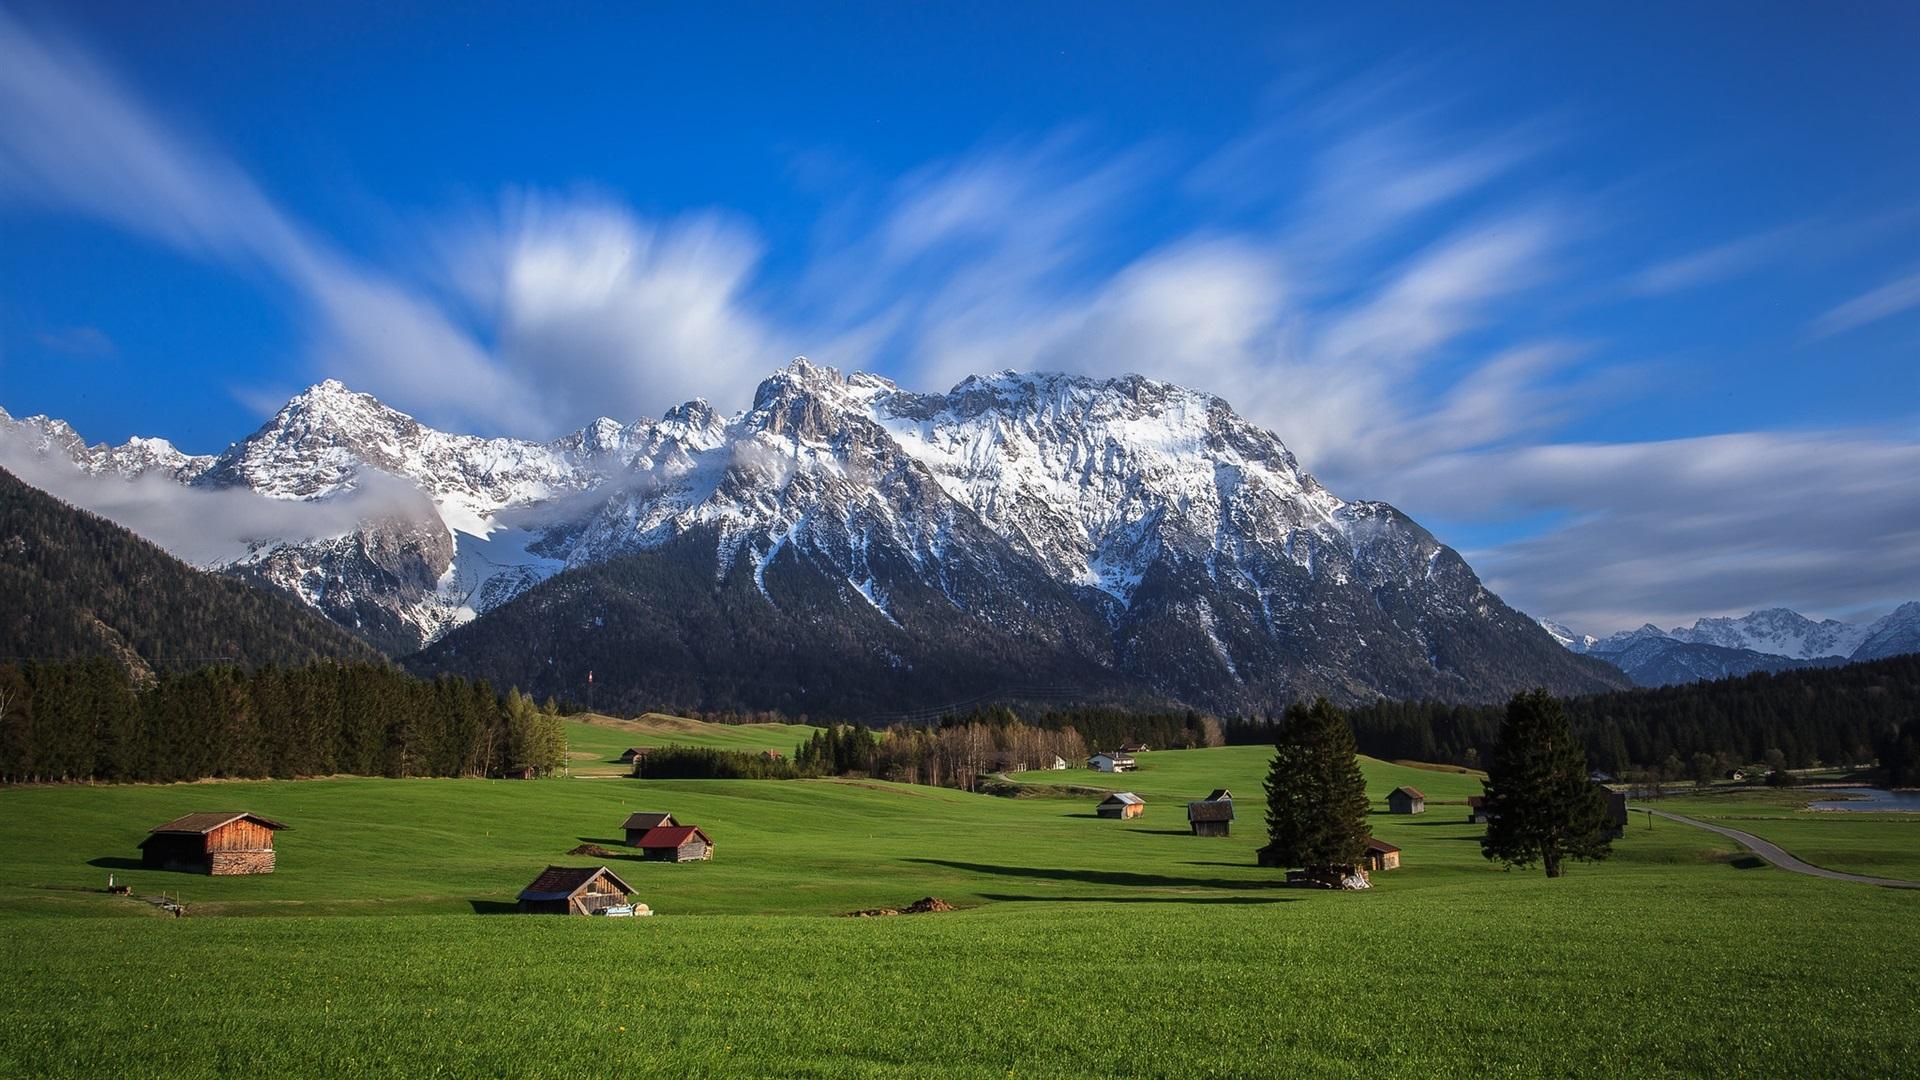 камеры альпийские горы фото для рабочего стола нашей информации